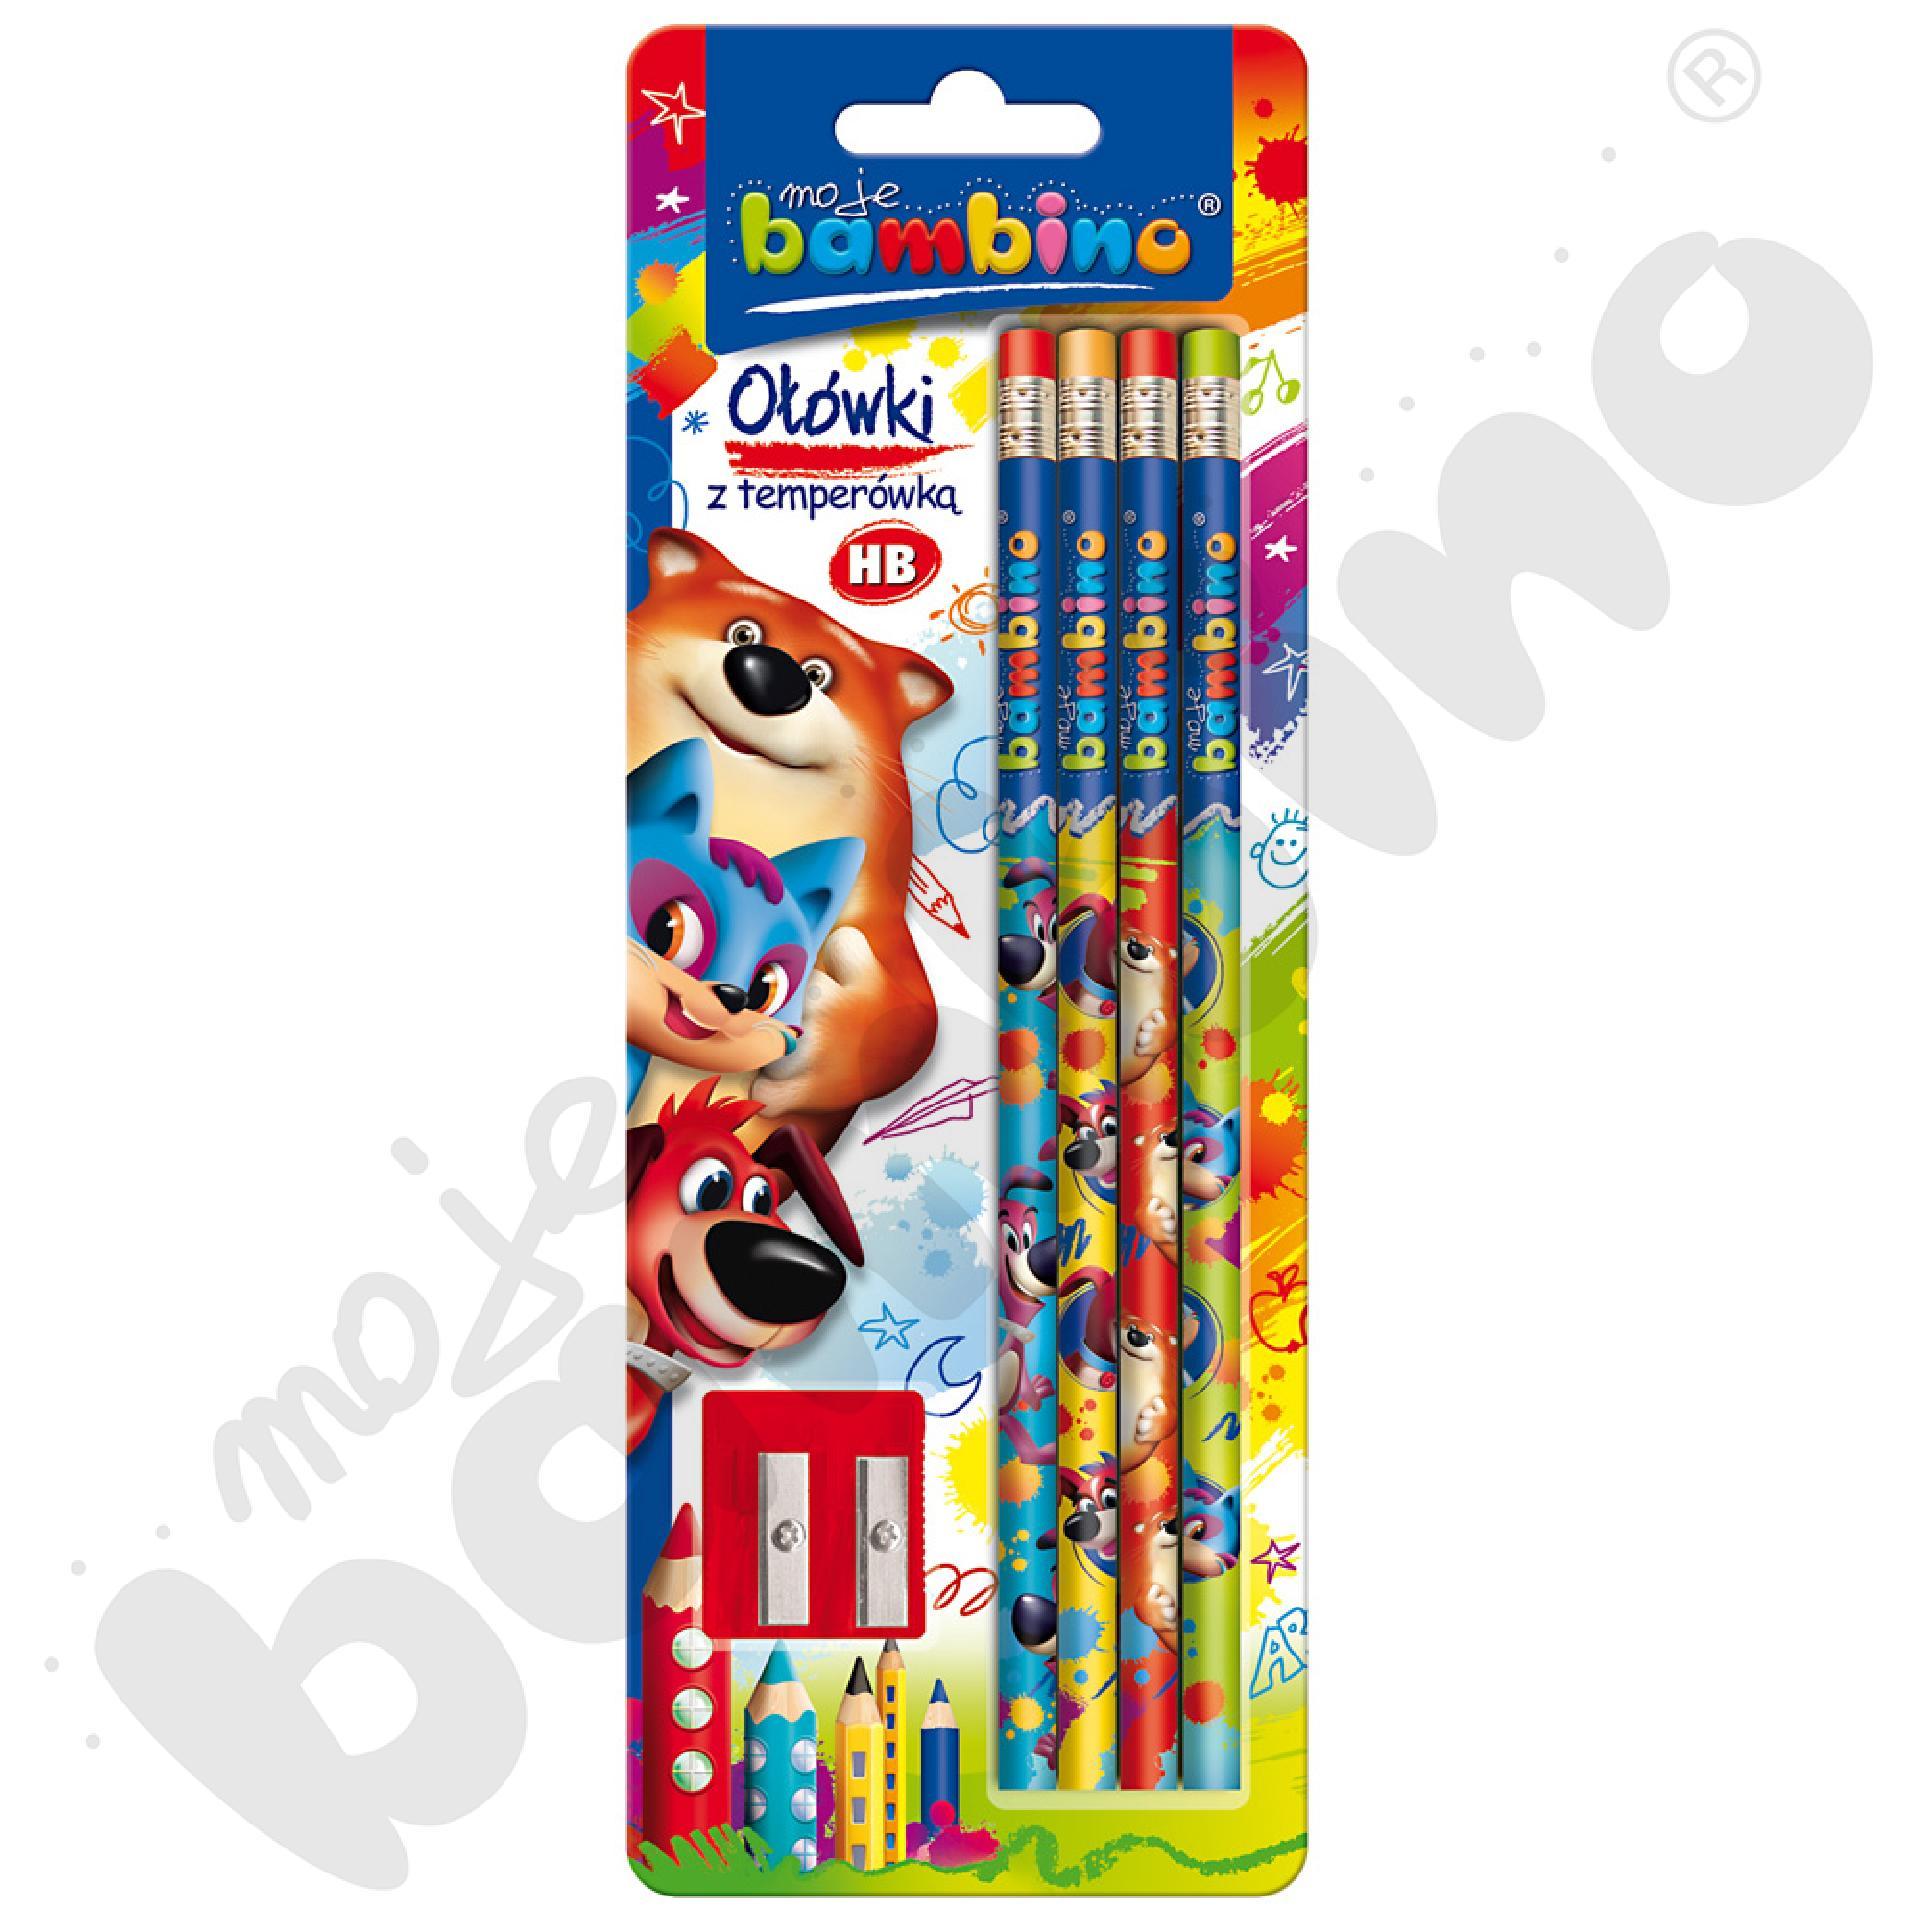 4 ołówki z temperówką